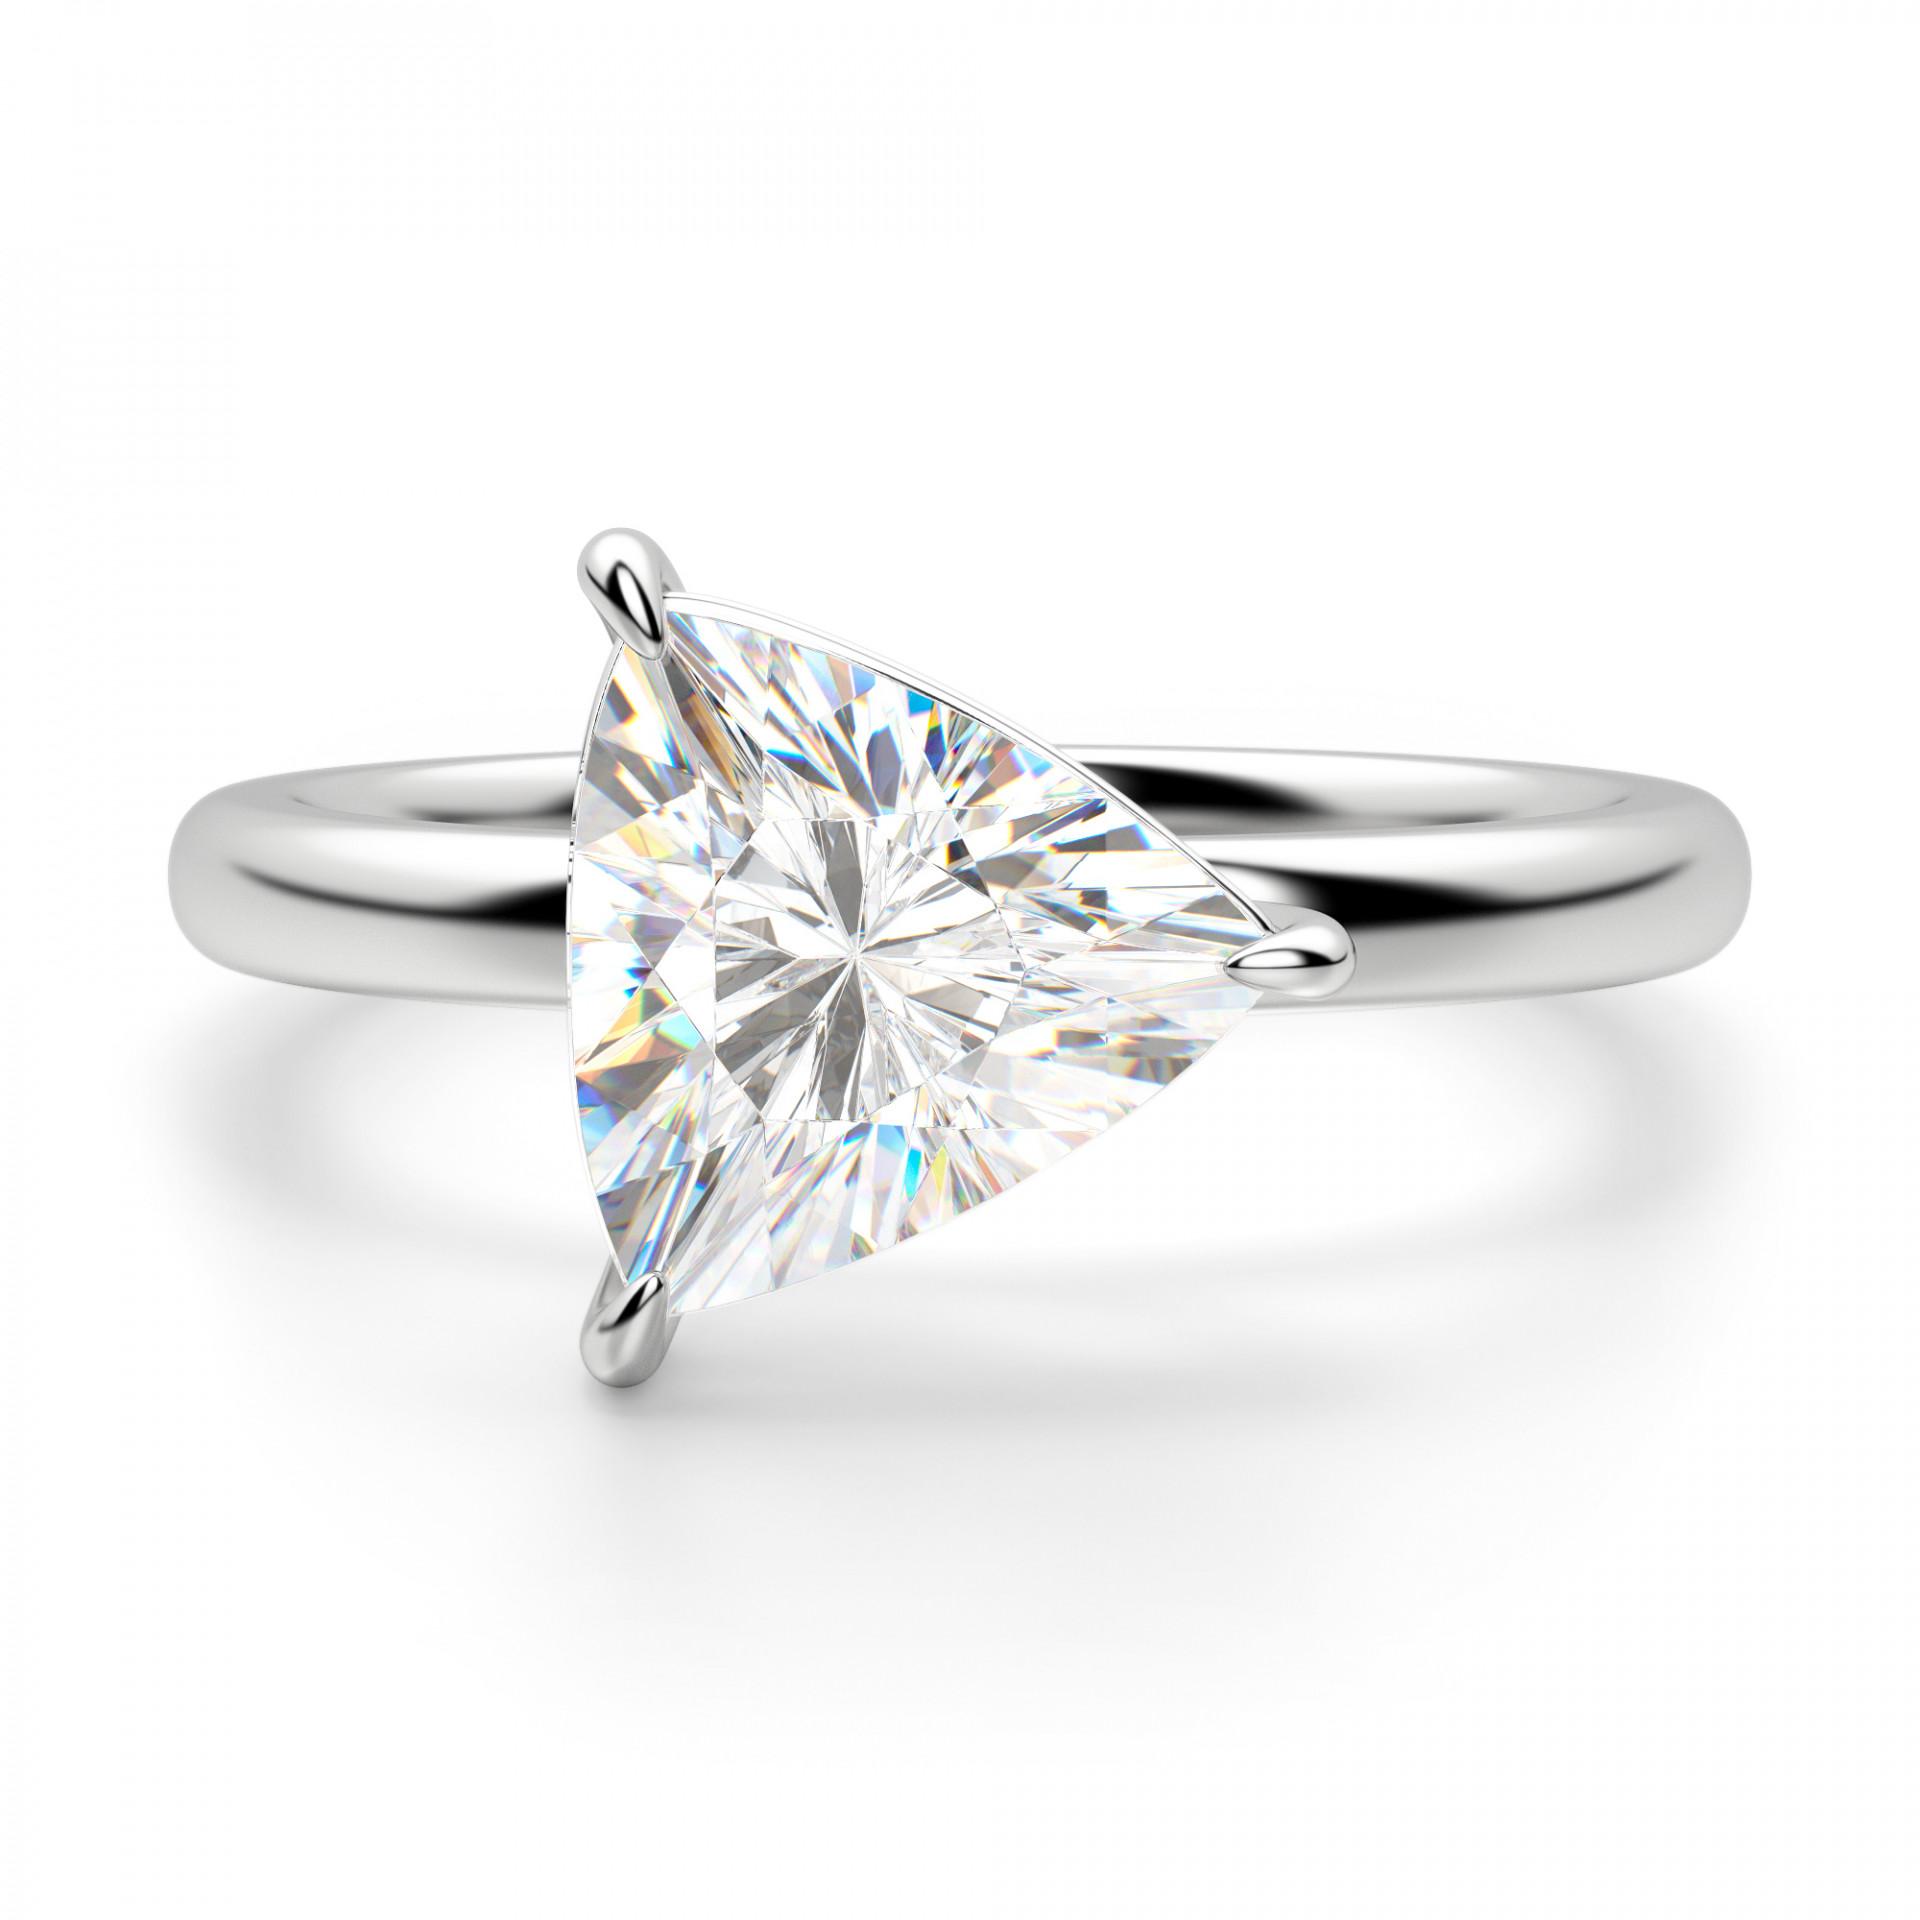 1cbbd64e065de East-West Classic Trillion Cut Engagement Ring